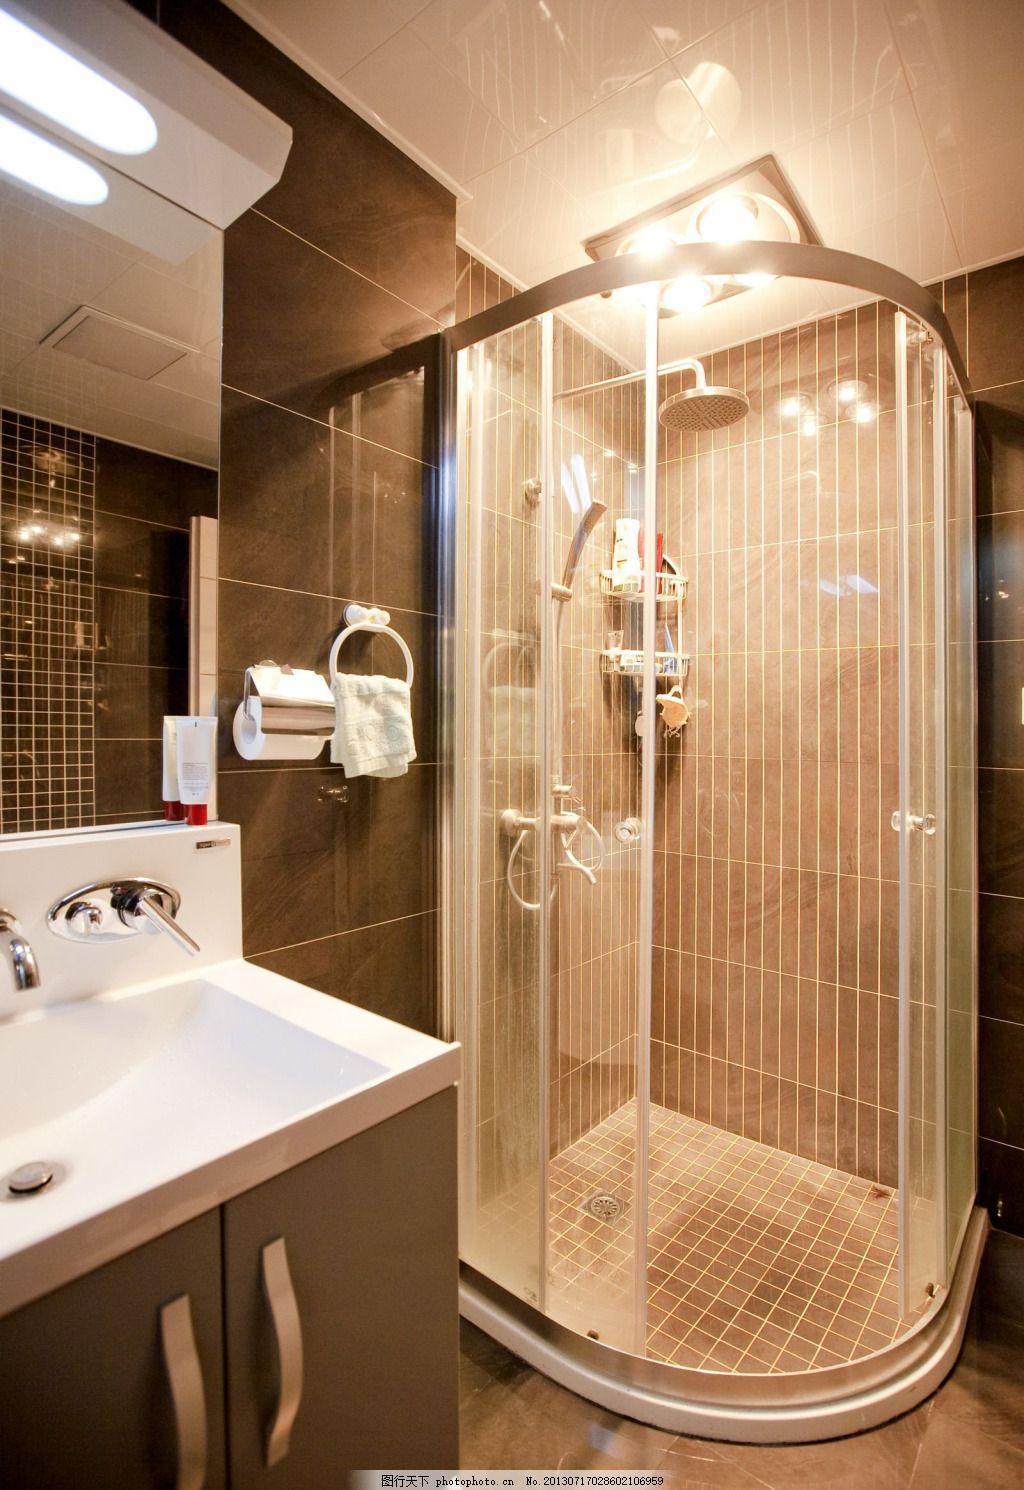 厕所 家居 设计 卫生间 卫生间装修 装修 1024_1490 竖版 竖屏